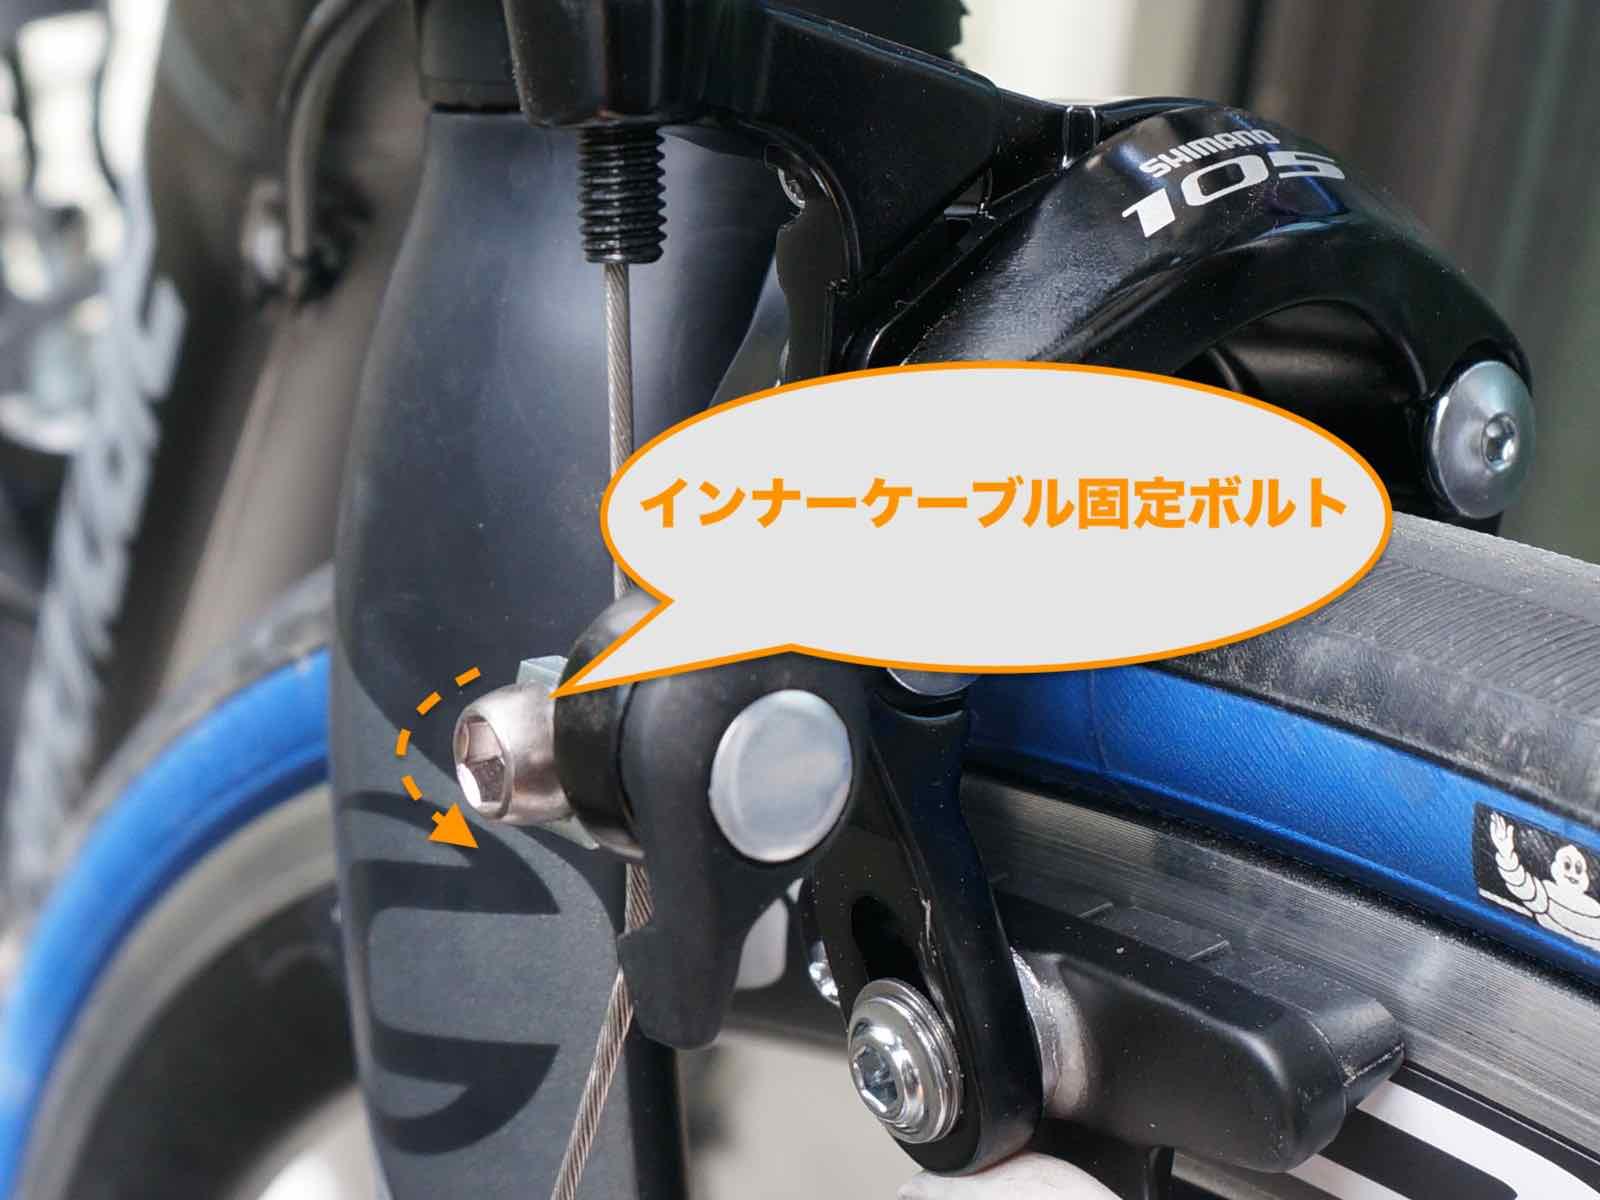 インナーケーブル固定ボルトを緩めてブレーキワイヤーを抜く